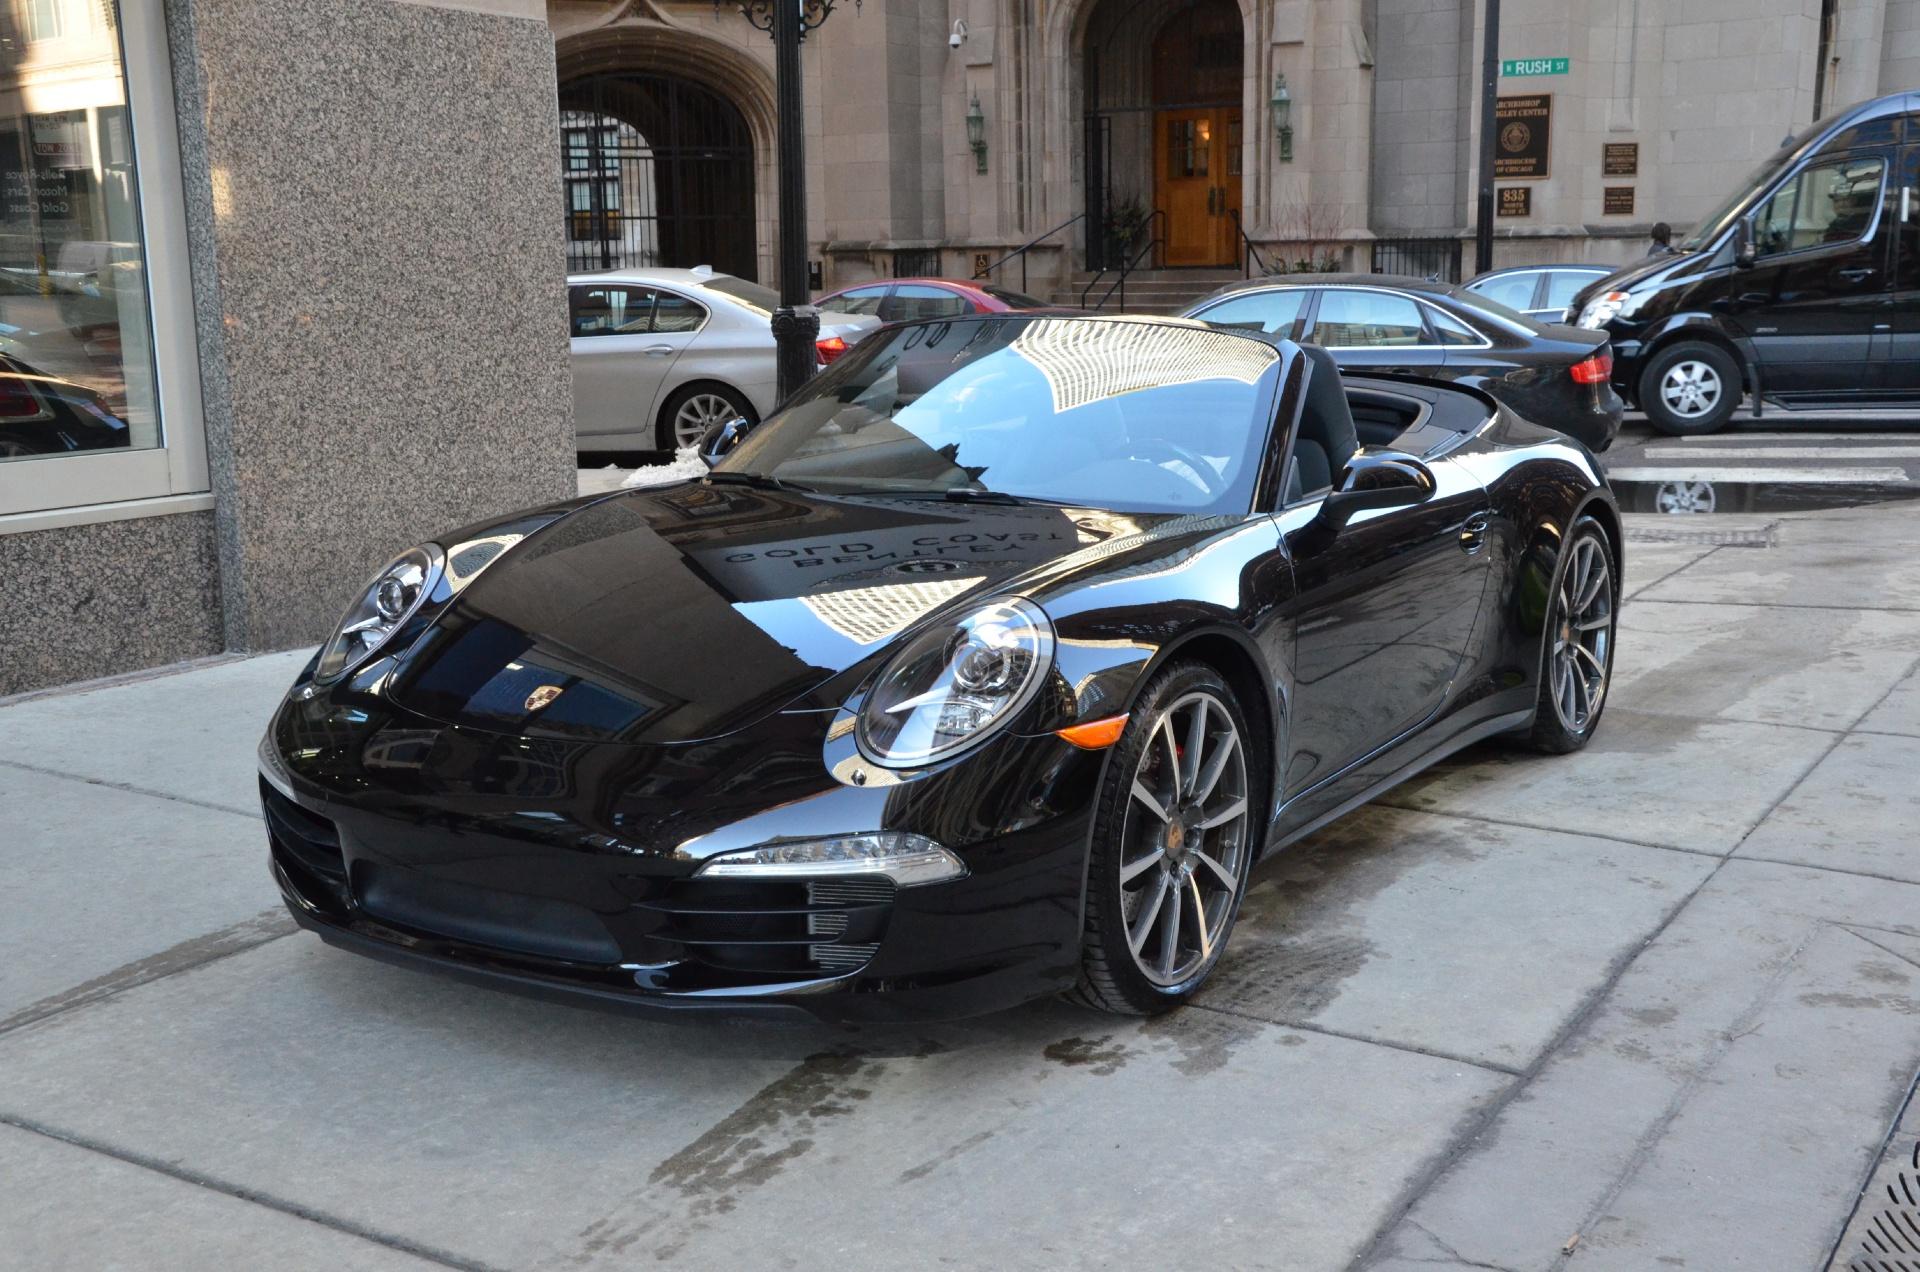 2014 porsche 911 carrera 4s stock 54569 for sale near chicago il il porsche dealer. Black Bedroom Furniture Sets. Home Design Ideas